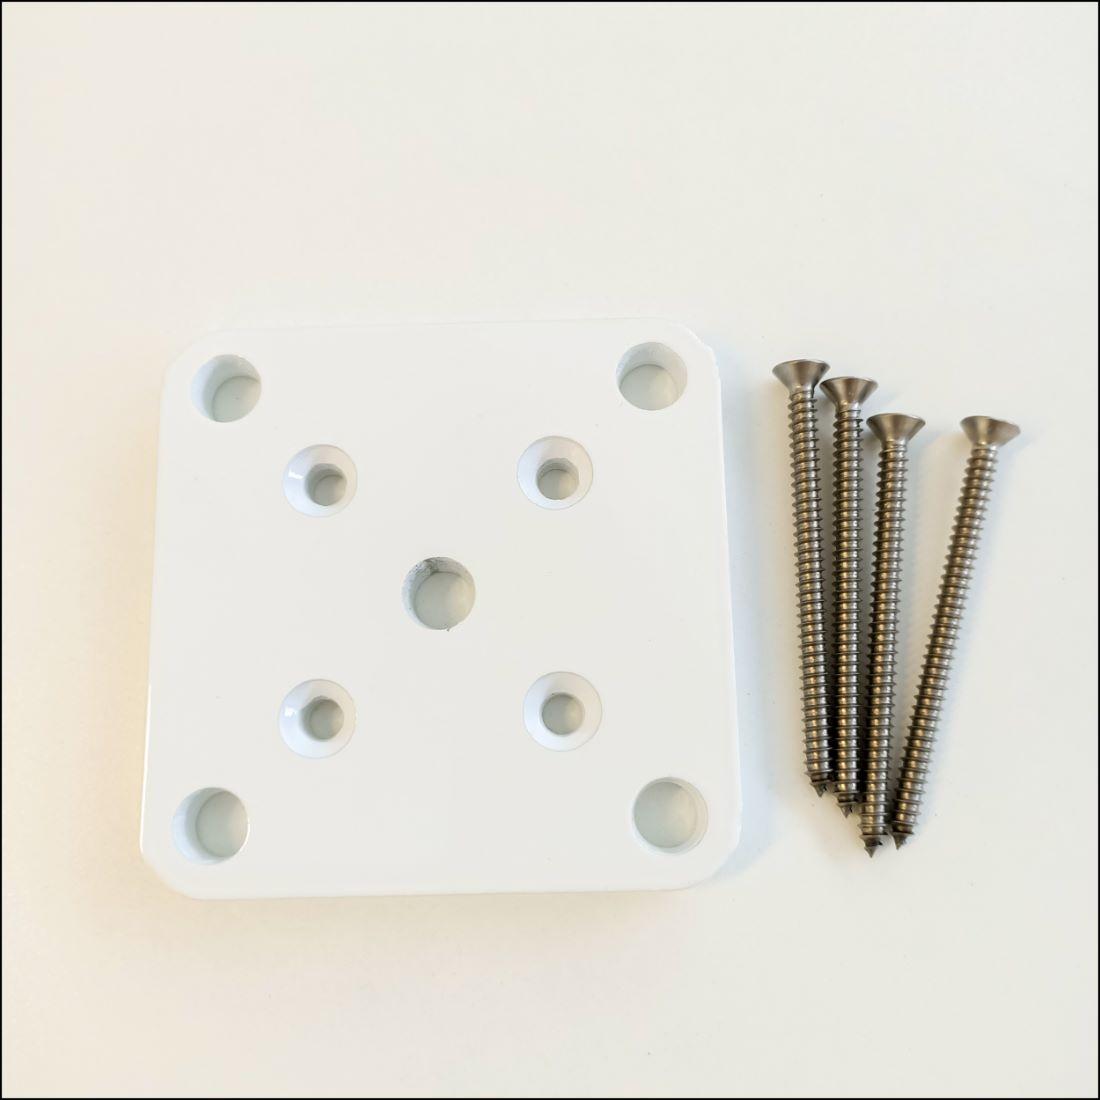 50 x 50mm Base Plate Set White